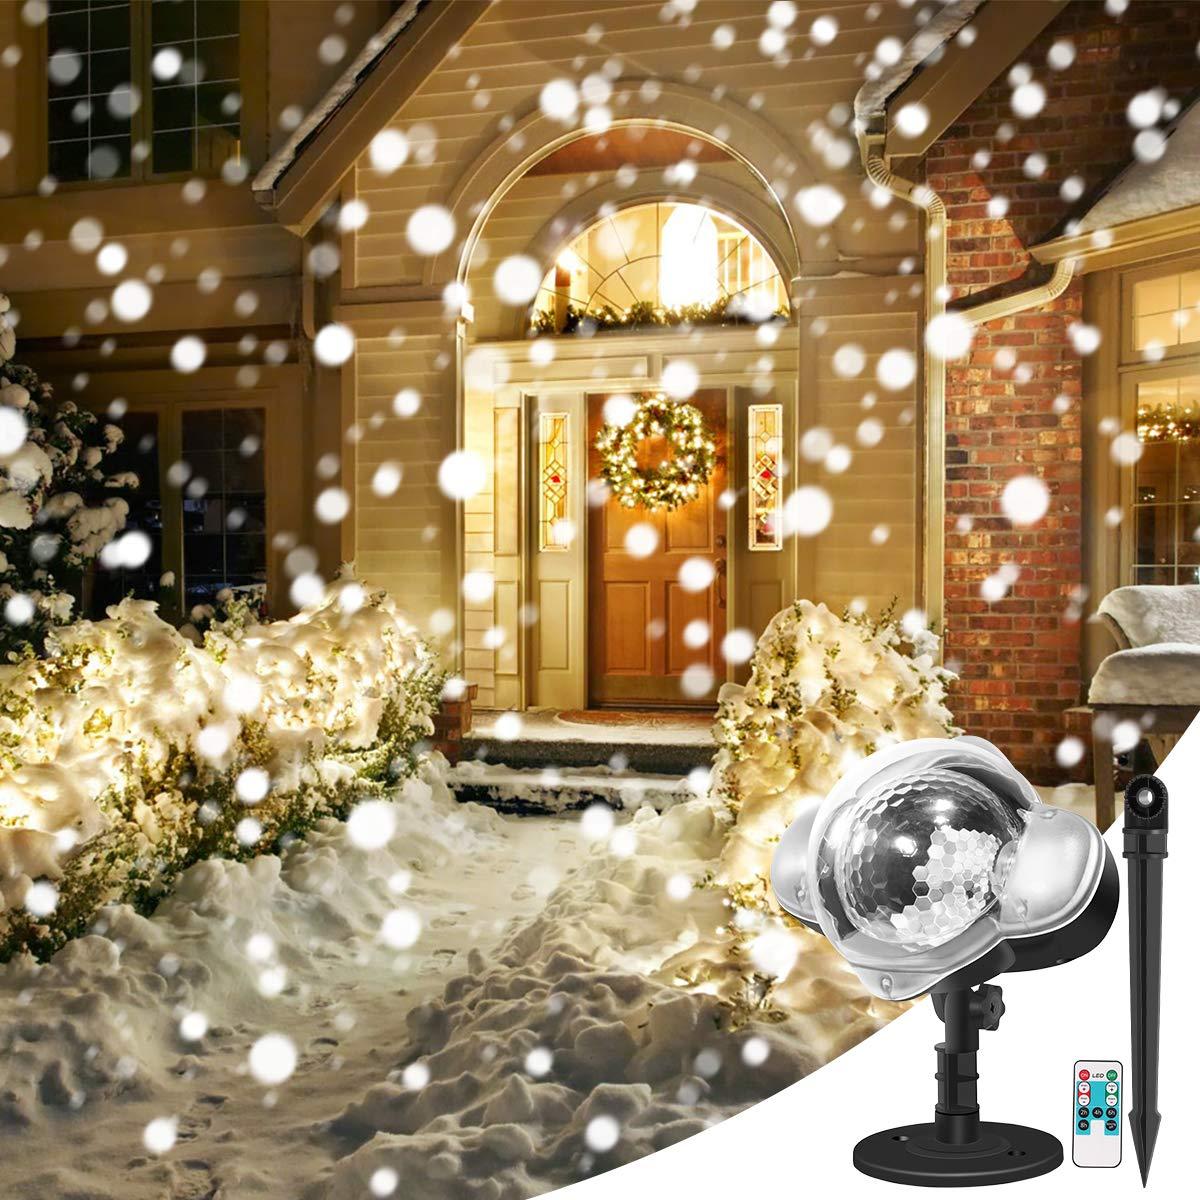 LED Schneeflocke ProjektorLicht, YUNLIGHTS Weihnachten Projektor Lichter, Wasserdicht IP65 Schneefall Projektor Leuchten Auß en und Innen Deko